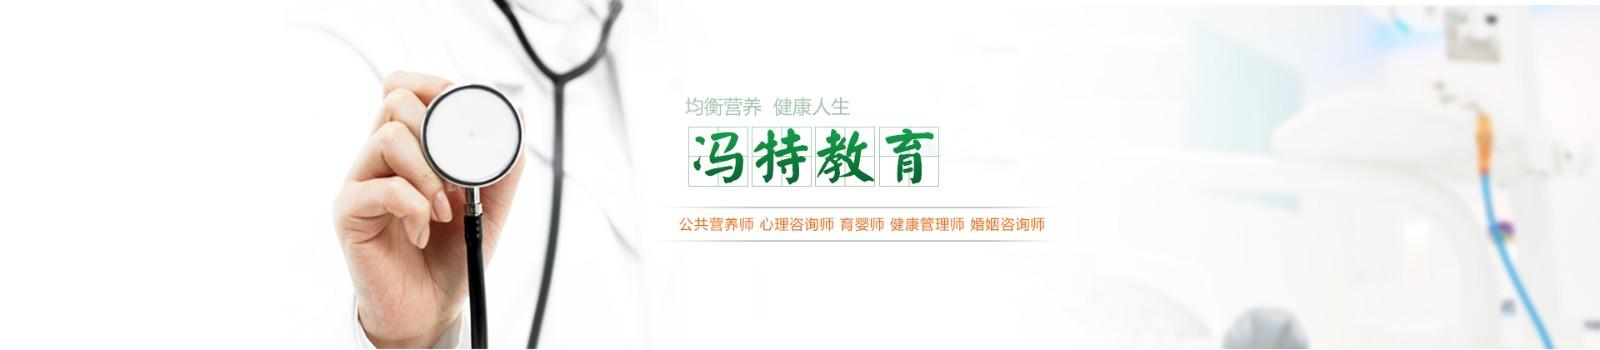 郑州冯特教育 横幅广告